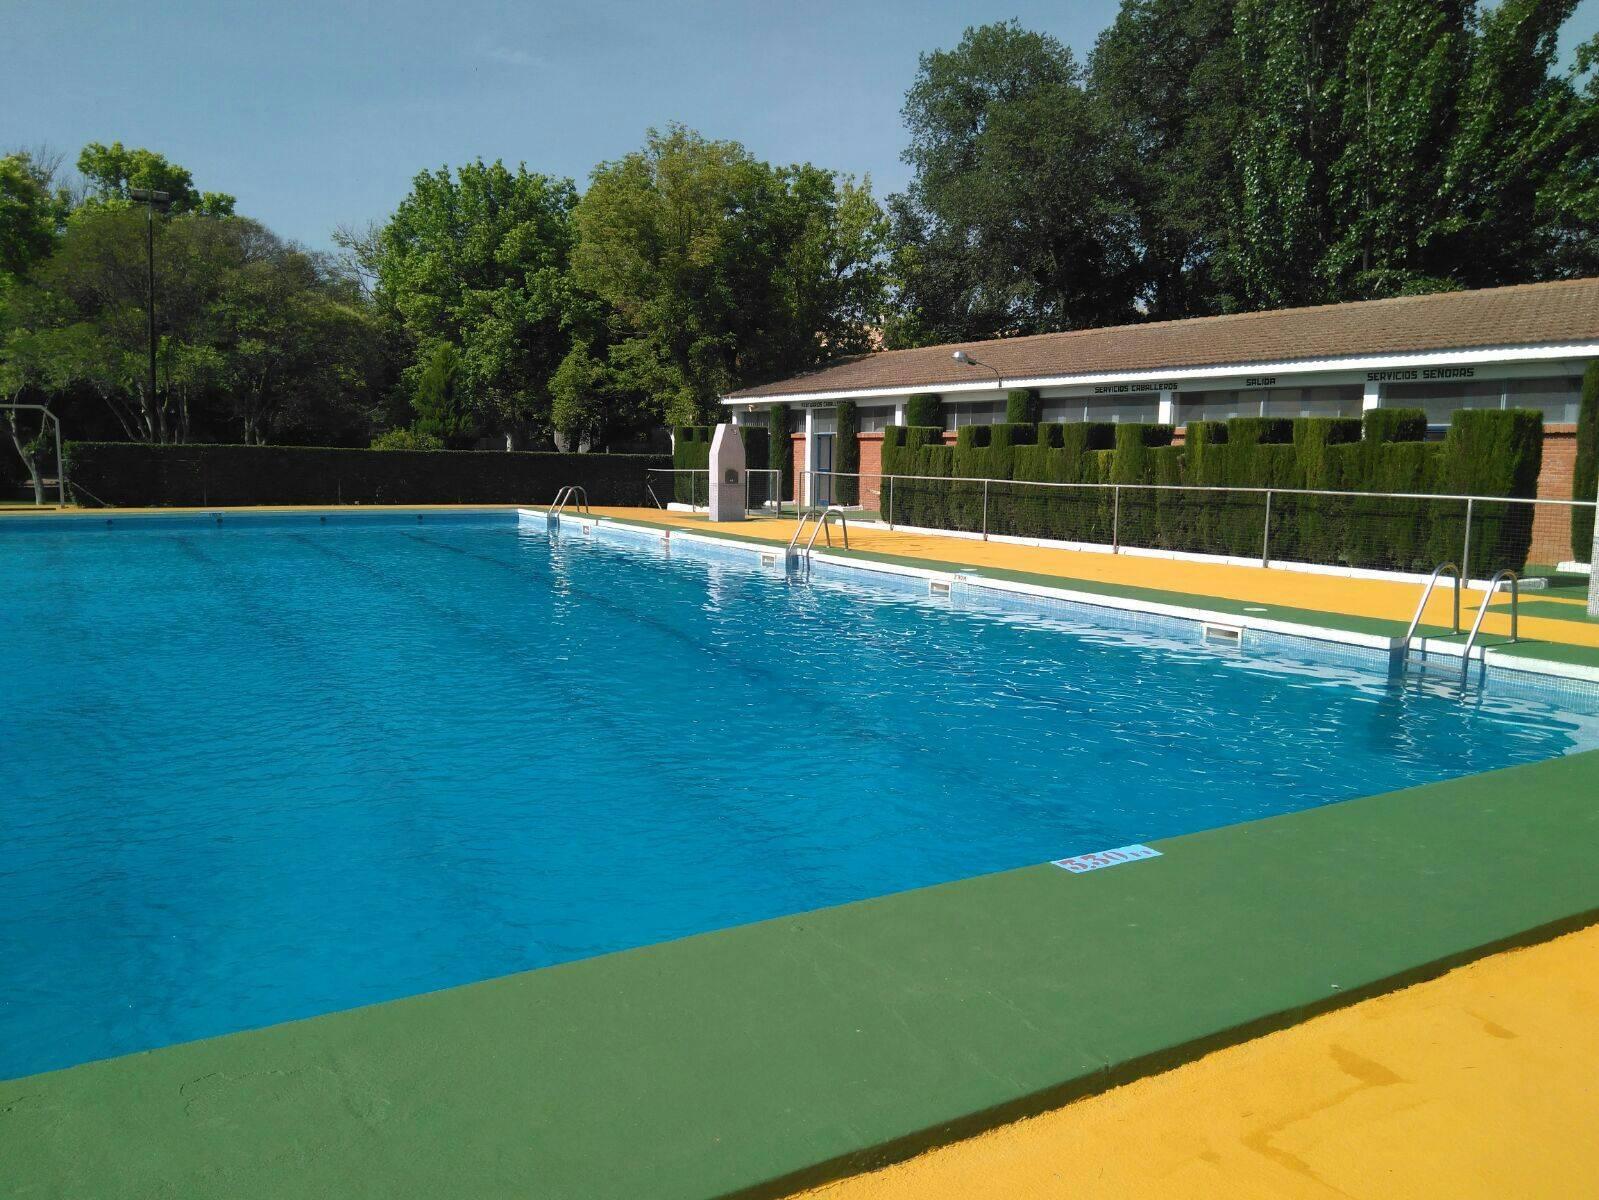 piscina municipal 2017 herencia 1 - Rescatada una niña de 7 años que casi se ahoga en la Piscina Municipal